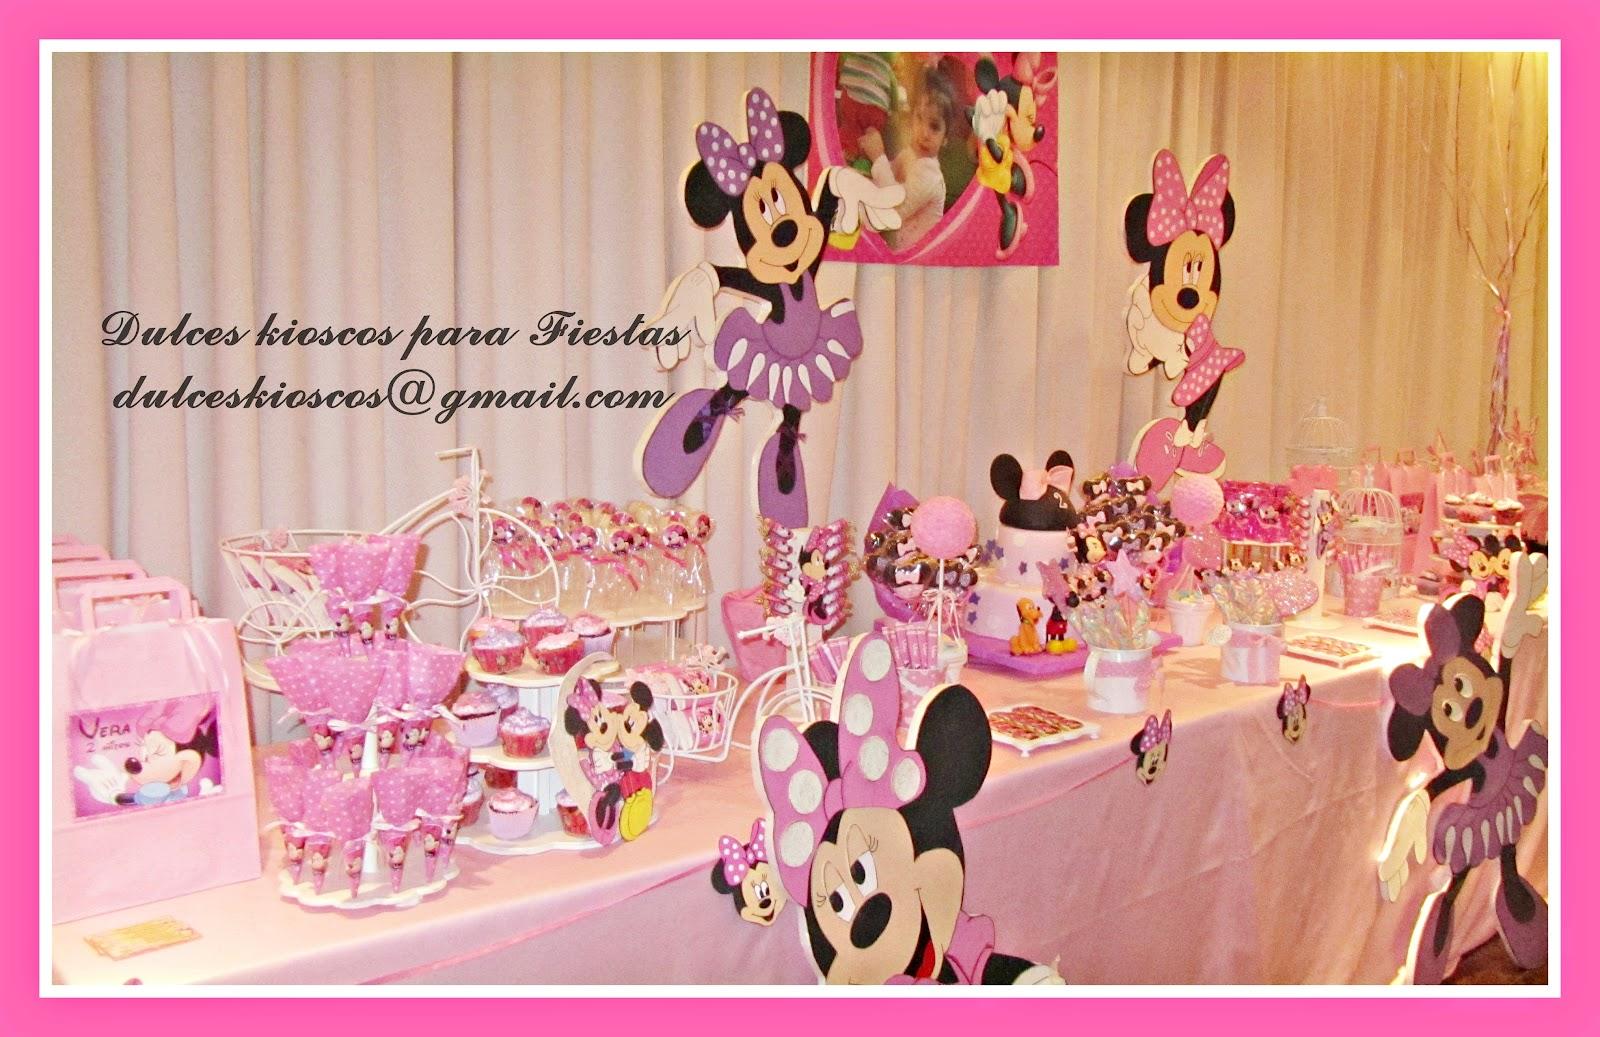 Decoracion Fiestas Infantiles Violeta - MercadoLibre Argentina